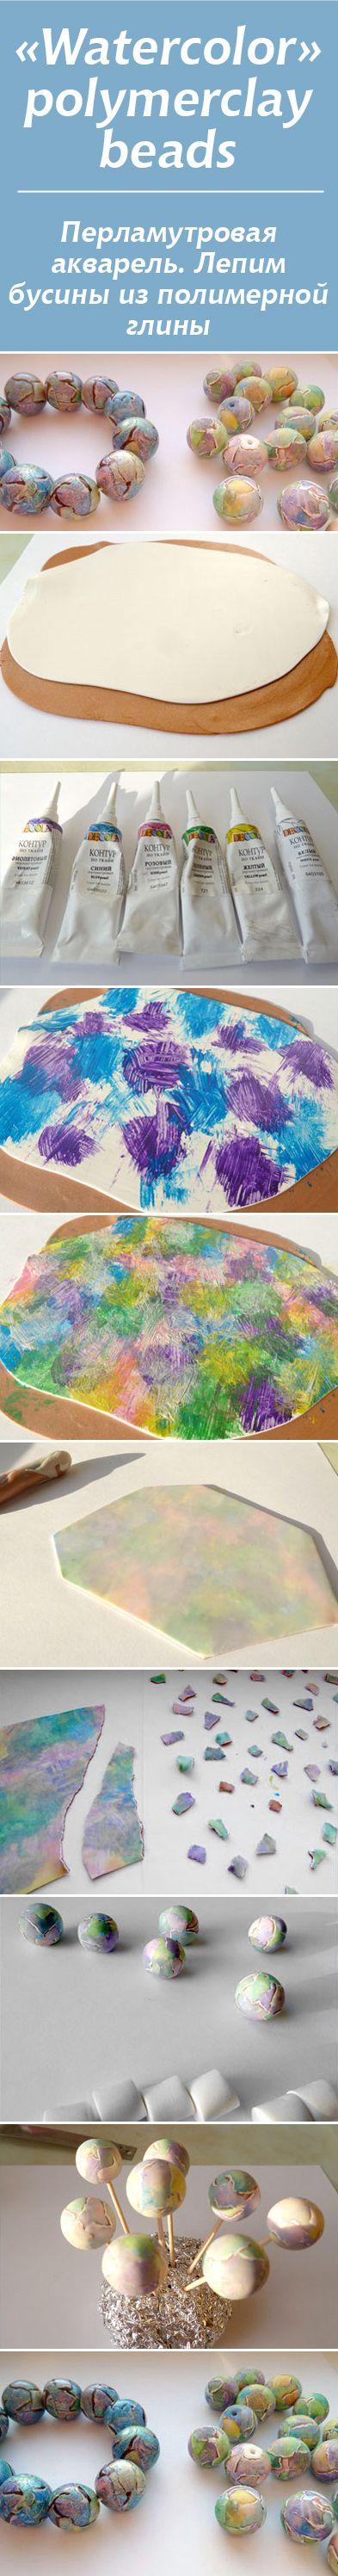 Перламутровая акварель. Лепим бусины из полимерной глины #polymerclay #diy #tutorial